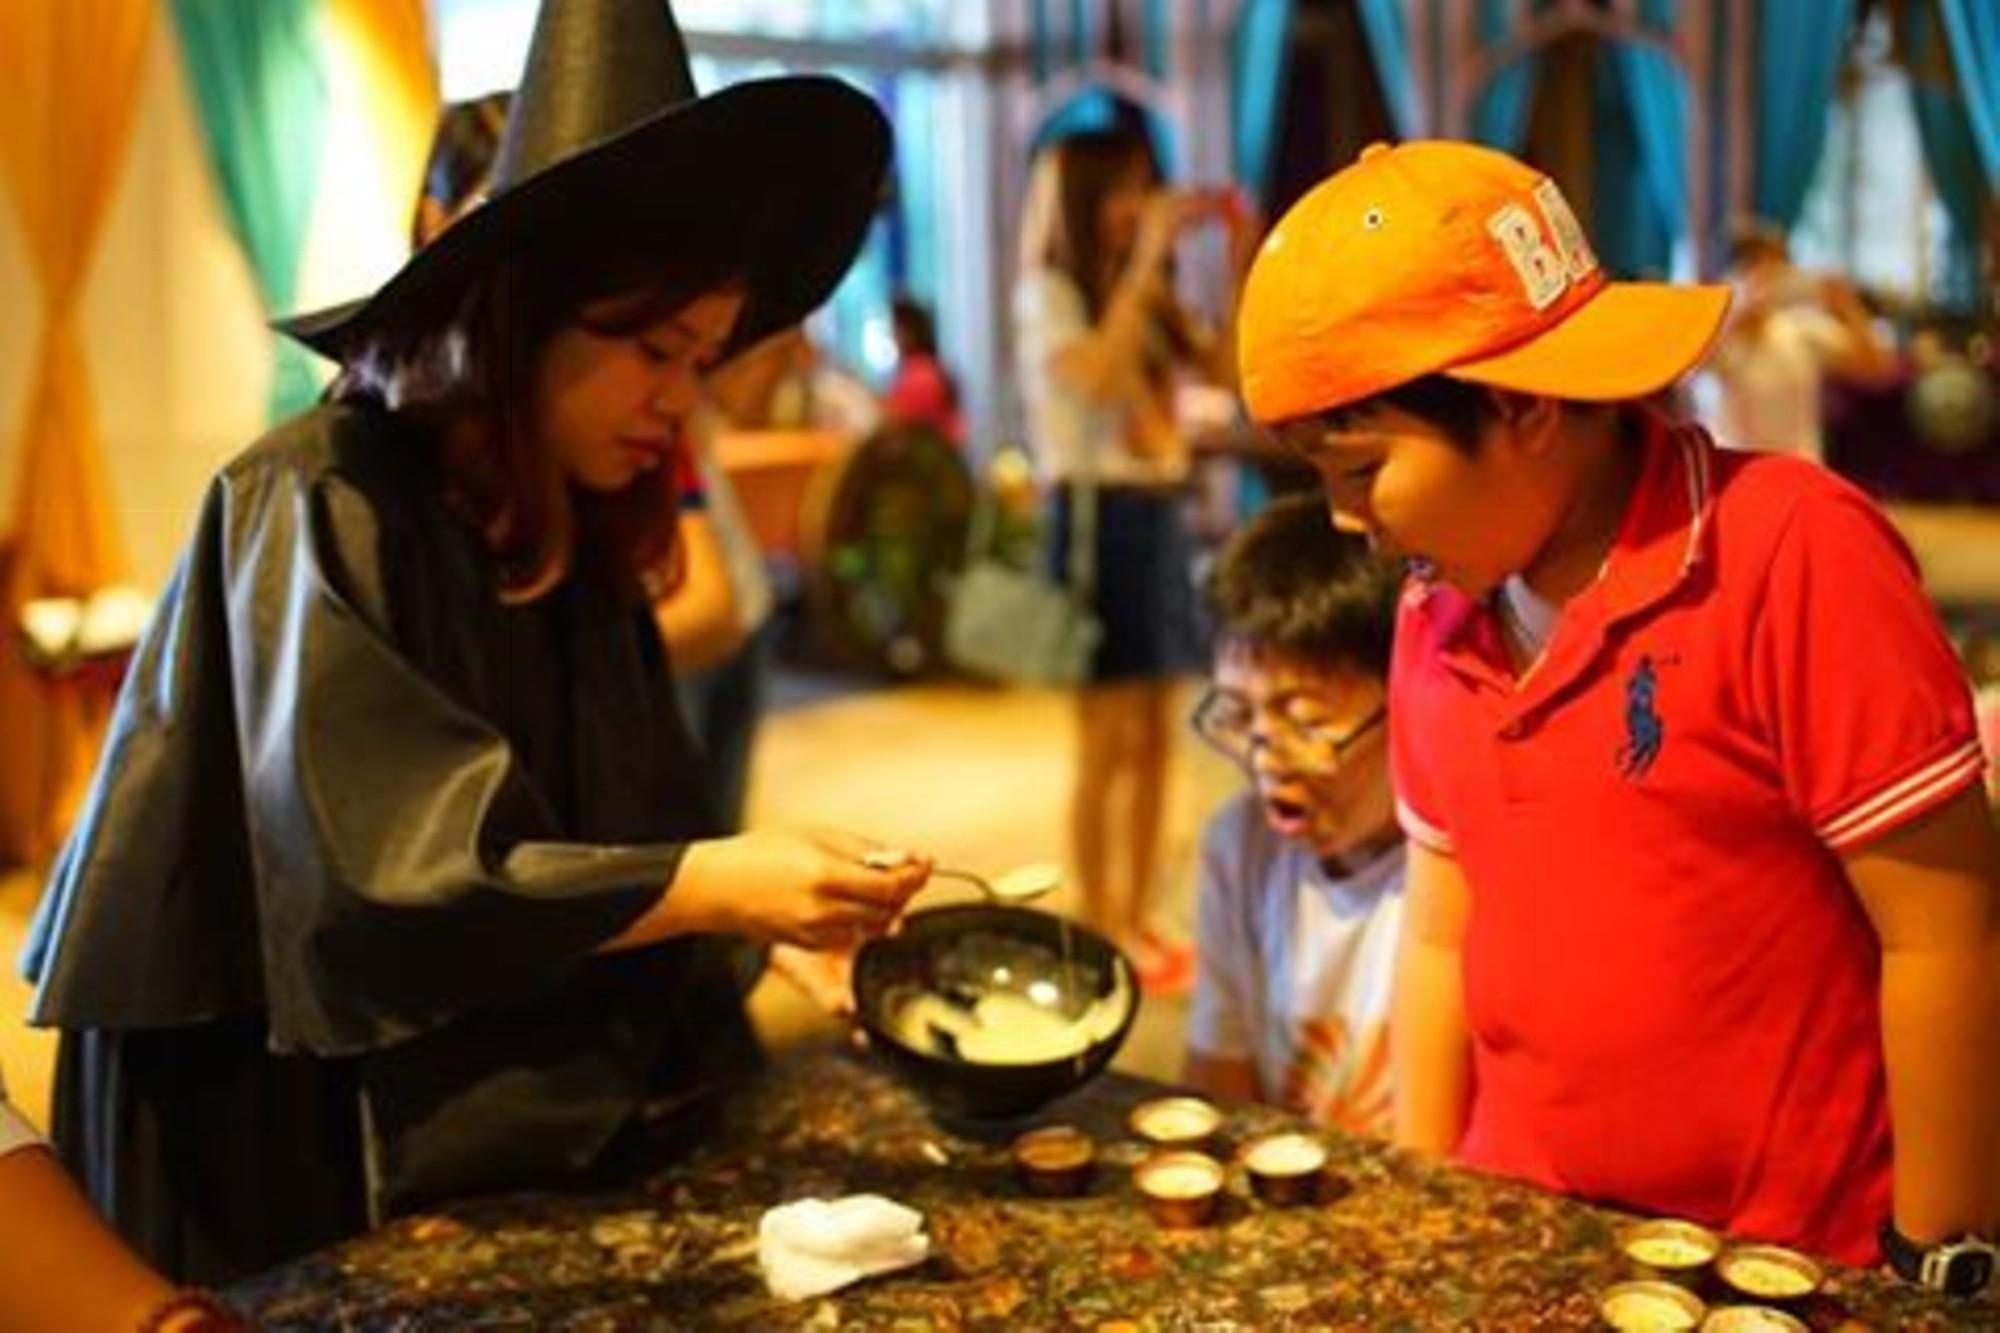 children create somewhereland vietnam